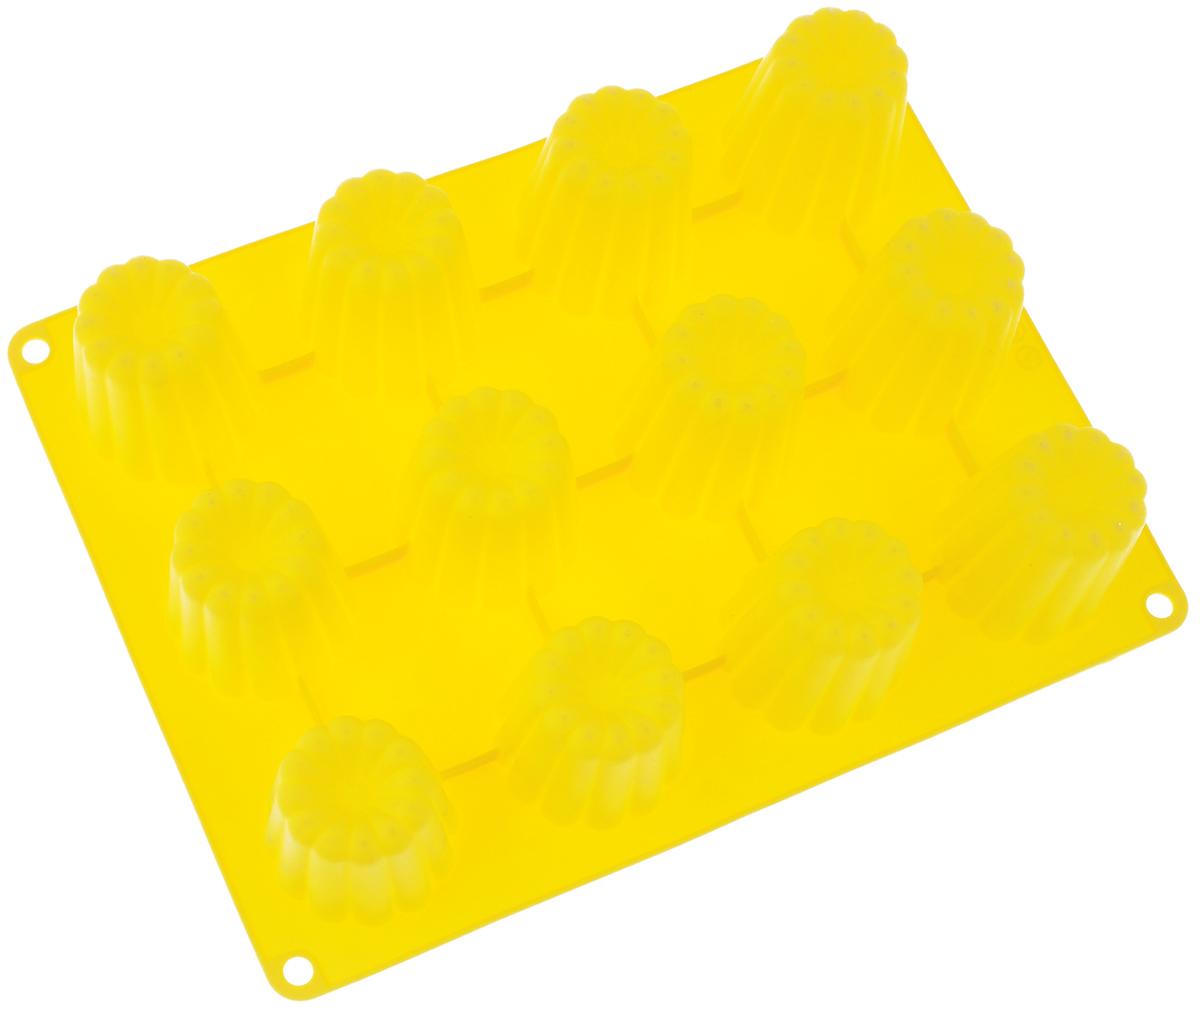 Форма для выпечки Taller Кекс, цвет: желтый, 12 ячеекTR-6211_желтыйФорма для выпечки Taller Кекс изготовлена из высококачественного силикона. Изделия из силикона выдерживают температуру от -20°С до +220°С, очень удобны в использовании: пища в них не пригорает и неприлипает к стенкам, форма легко моется. Форма обладает эластичными свойствами: складывается без изломов, восстанавливает свою первоначальную форму.Форма содержит 12 одинаковых ячеек. Порадуйте своих родных и близких любимой выпечкой в необычном исполнении.Подходит для приготовления в микроволновой печи и духовом шкафу при нагревании до +220°С; для замораживания до -20°С и чистки в посудомоечноймашине.Размер формы: 29 х 22 см. Размер ячейки: 5,2 х 5,2 см. Высота стенок: 5 см. Количество ячеек: 12 шт.